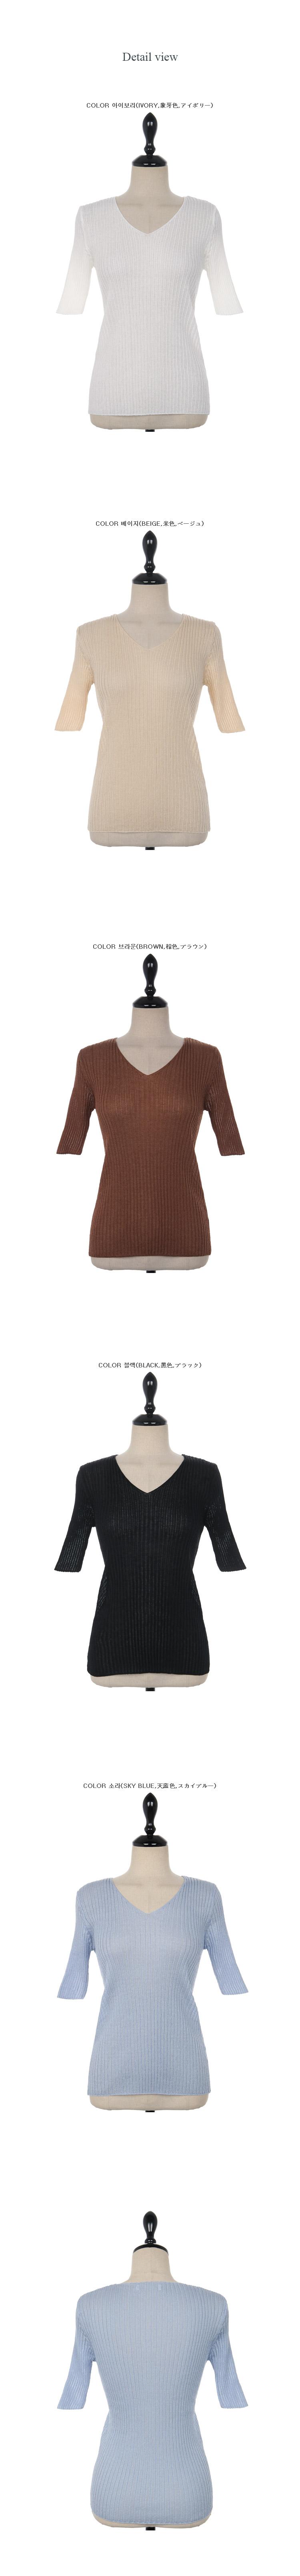 Thomas V knit ivory